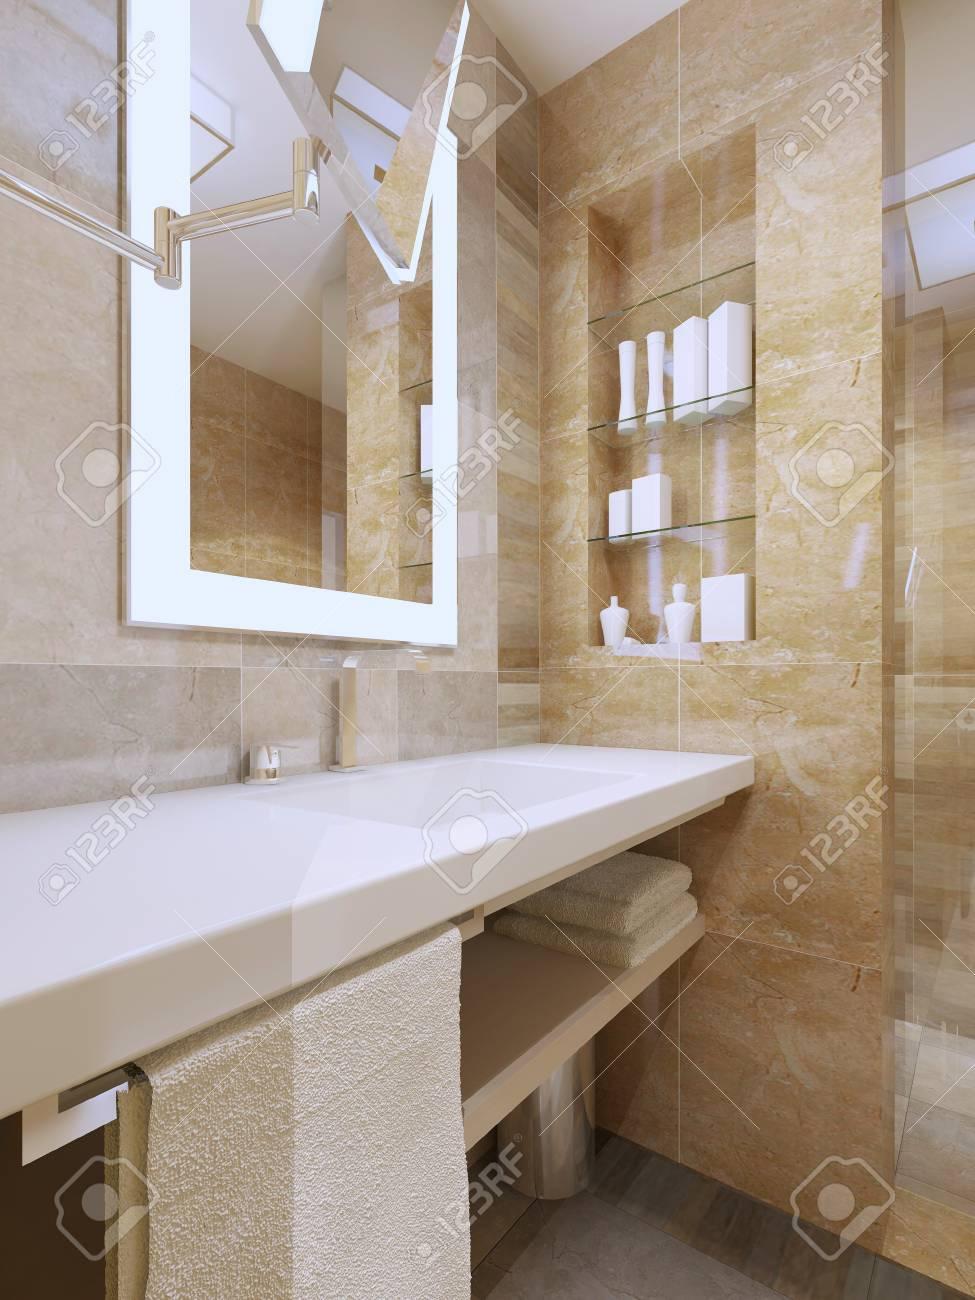 Luxus Badezimmer Interieur. Waschbeckenkonsole Mit Weißer Keramischer  Countertop, Nische, Spiegel Mit Rahmenlicht.